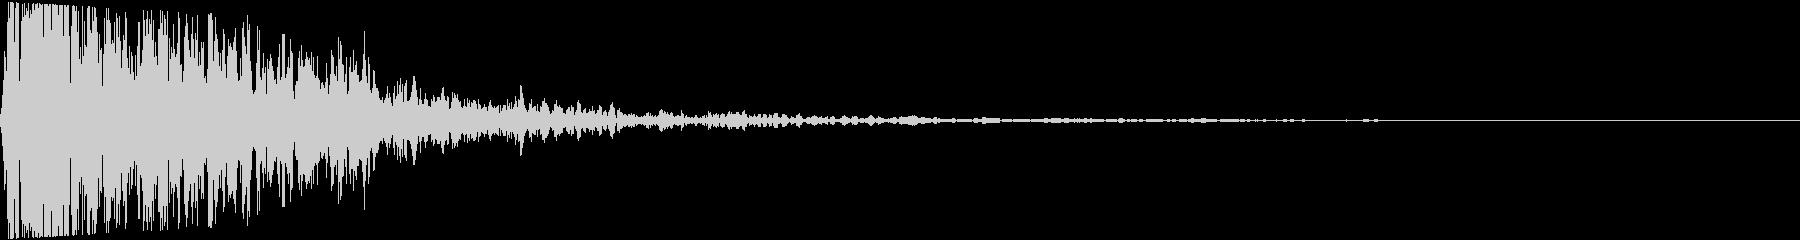 【大迫力】大砲を撃つ音2 ズドーン!!の未再生の波形